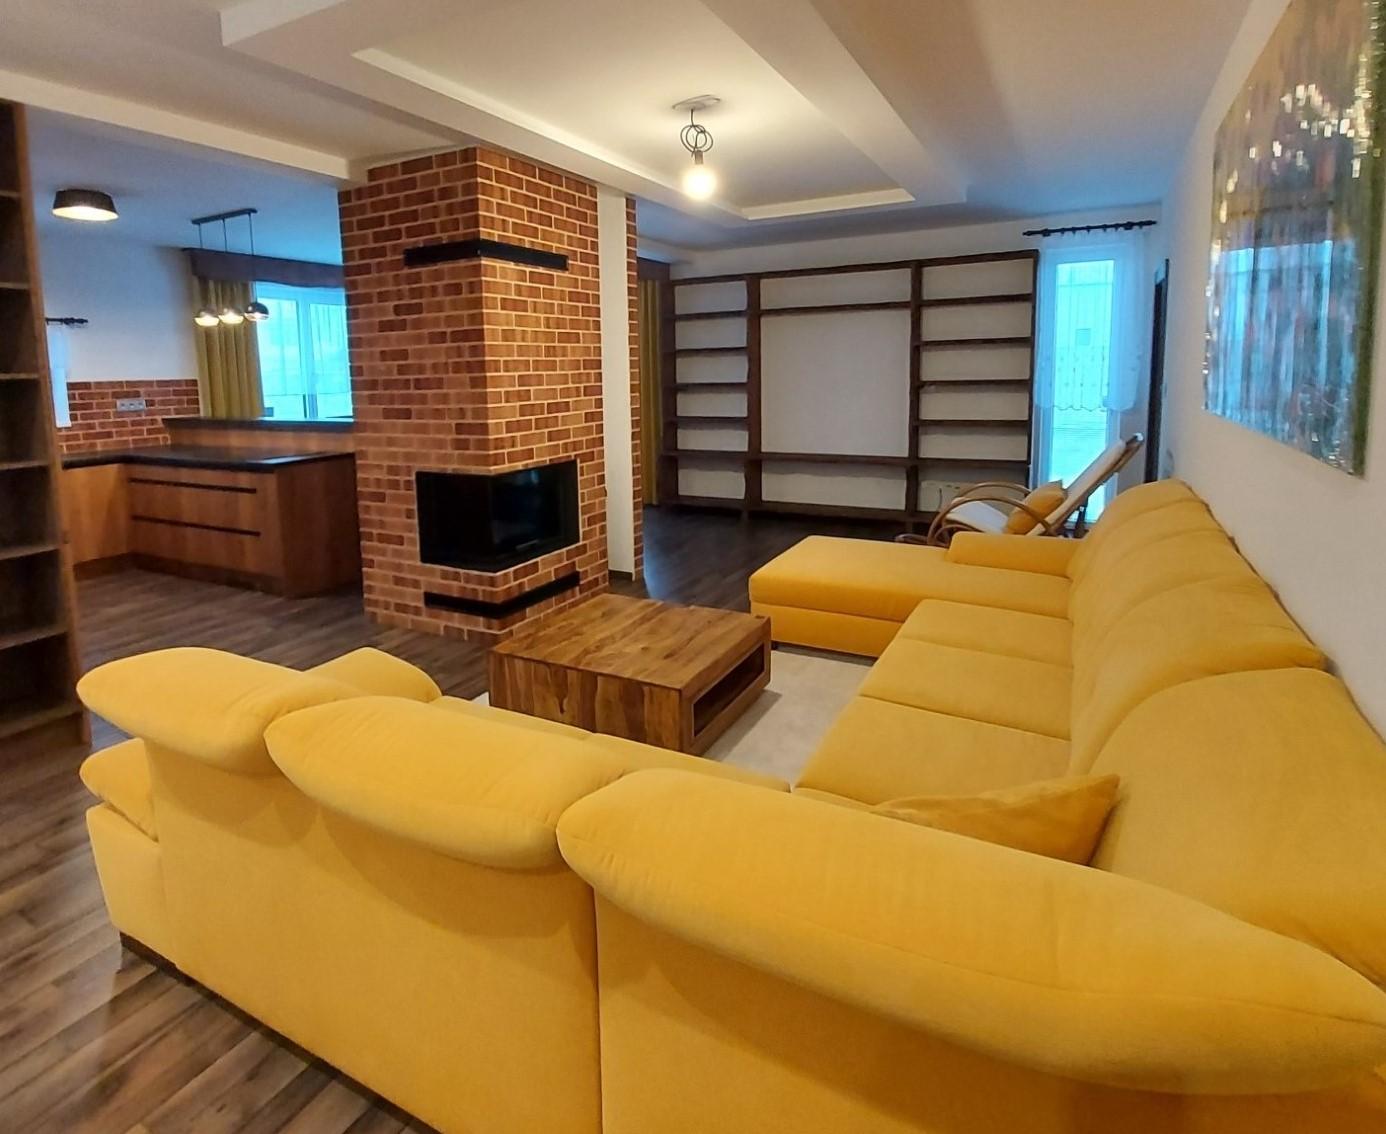 Predáme novostavbu pekného 4-izbový domu  v obci Most pri Bratislave